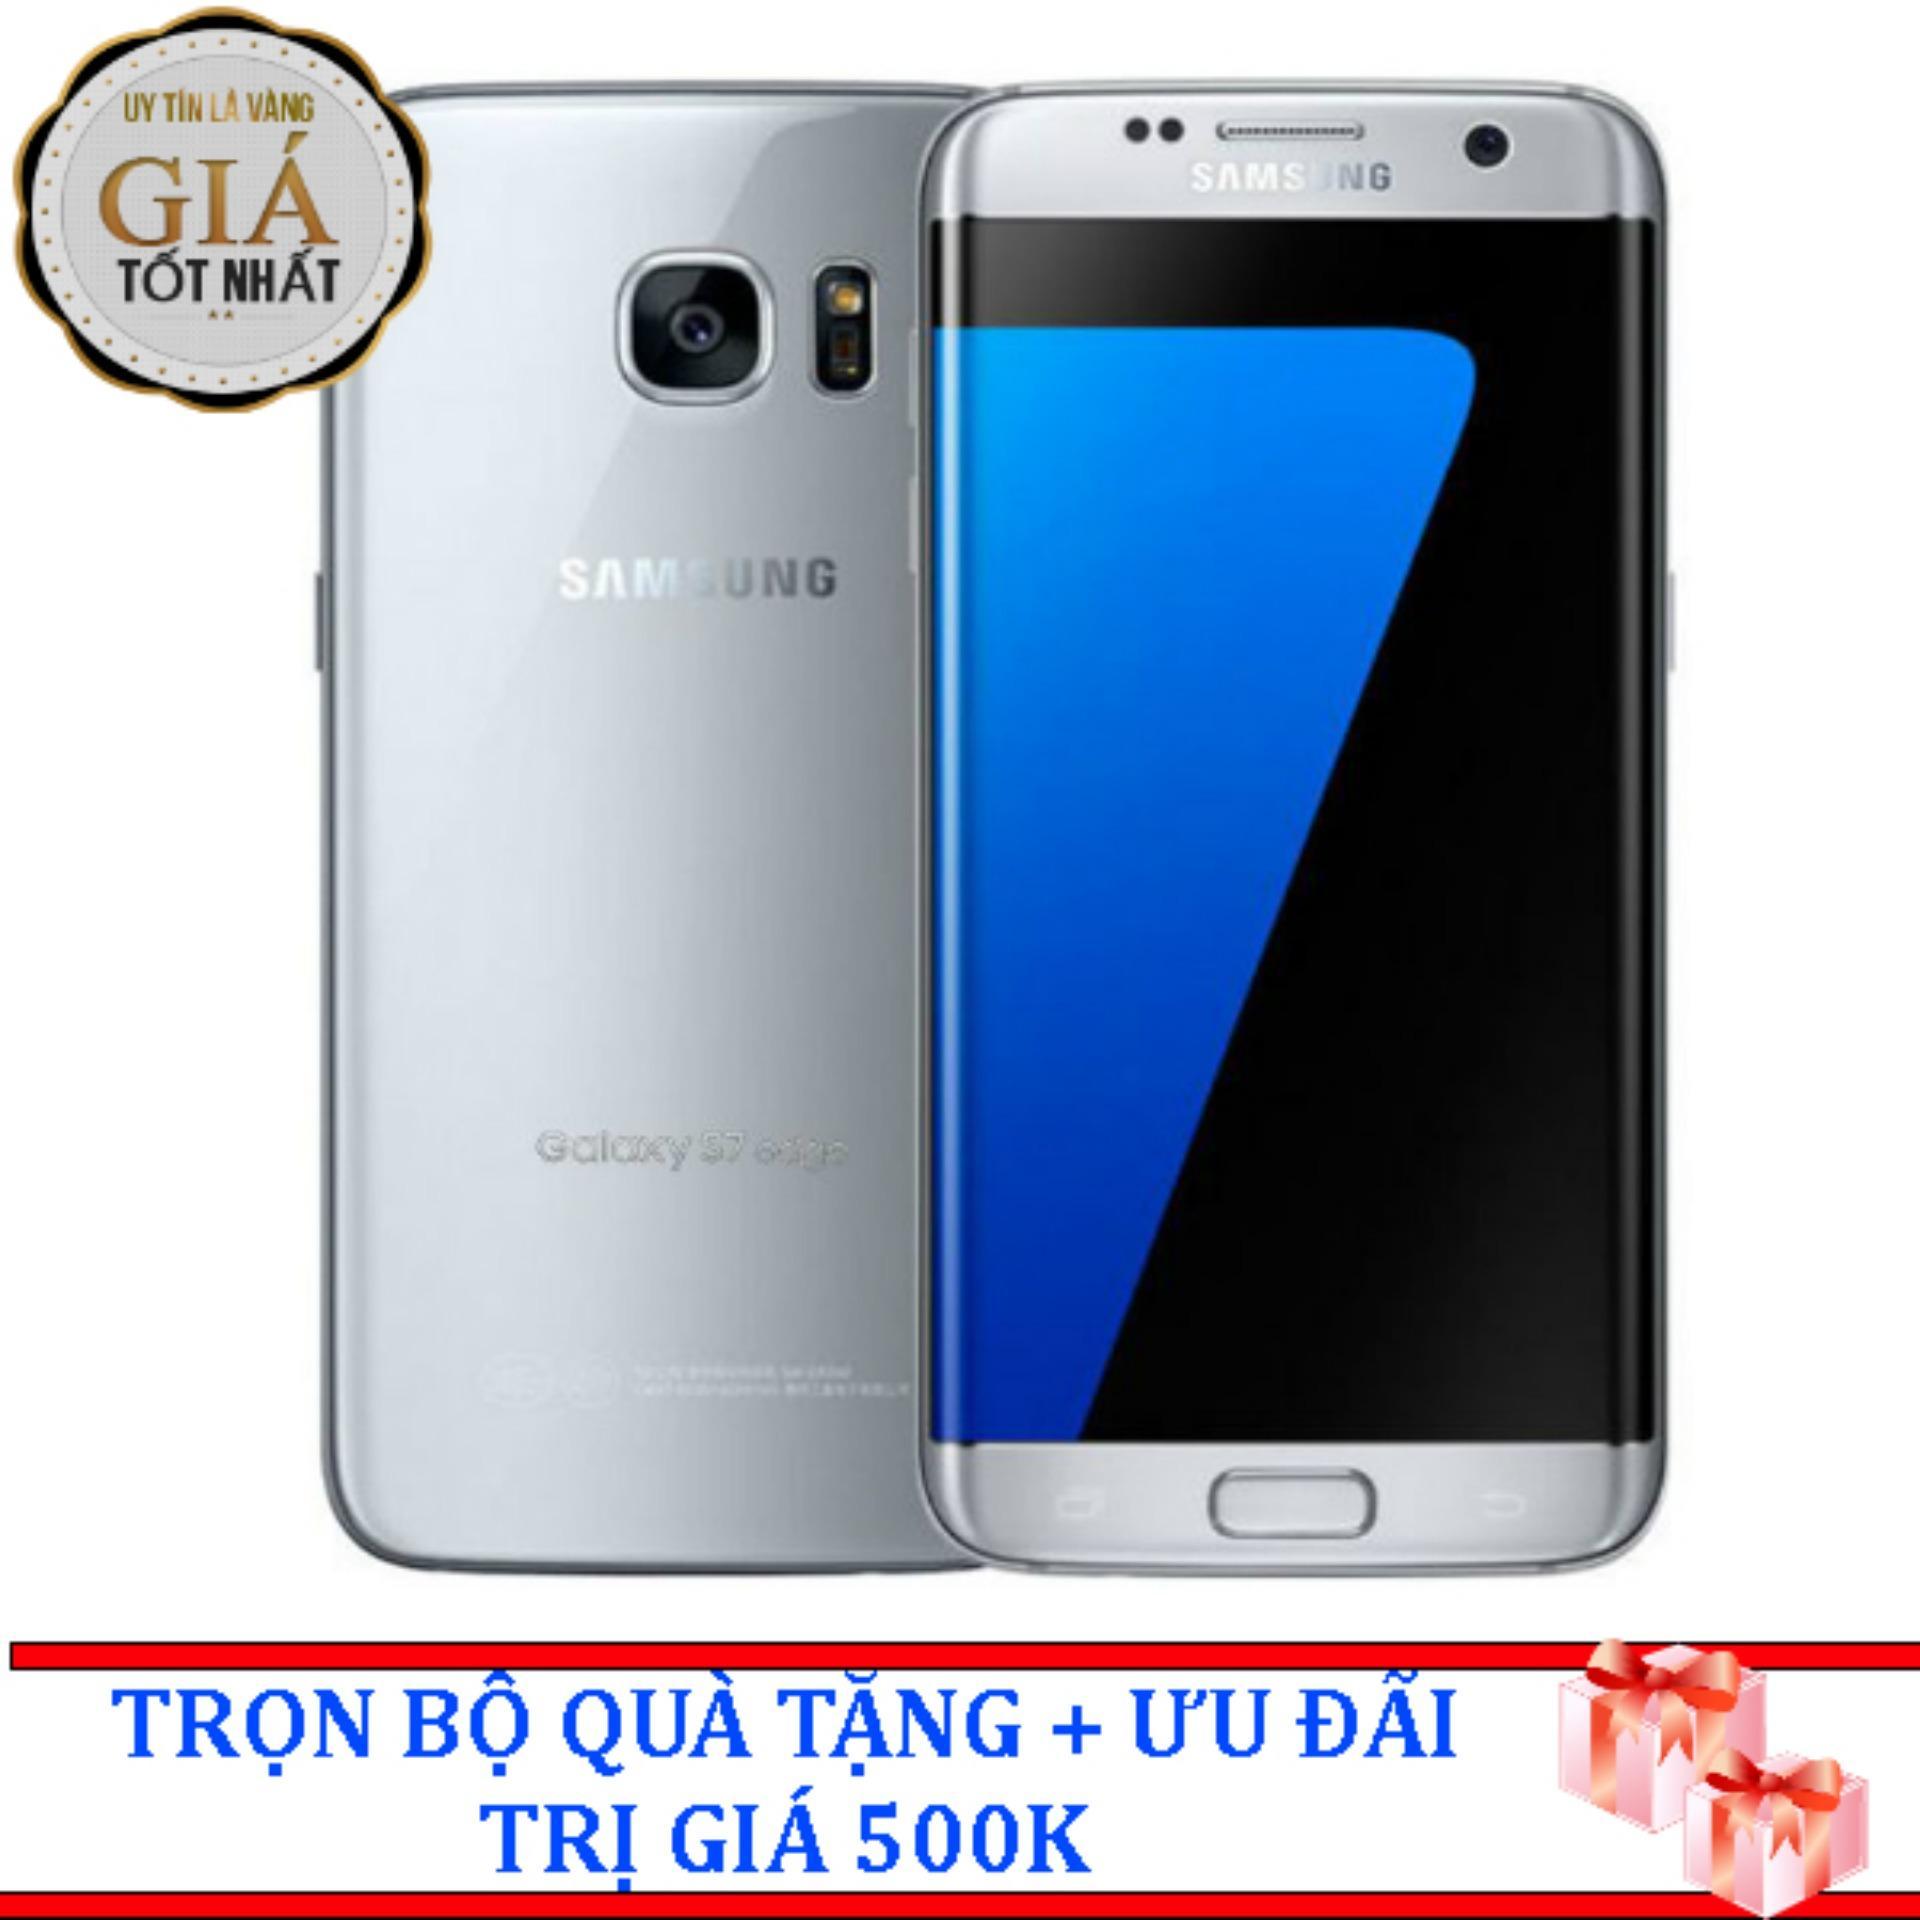 Samsung Galaxy S7 Edge 32Gb Bạc Hang Nhập Khẩu Nguyên